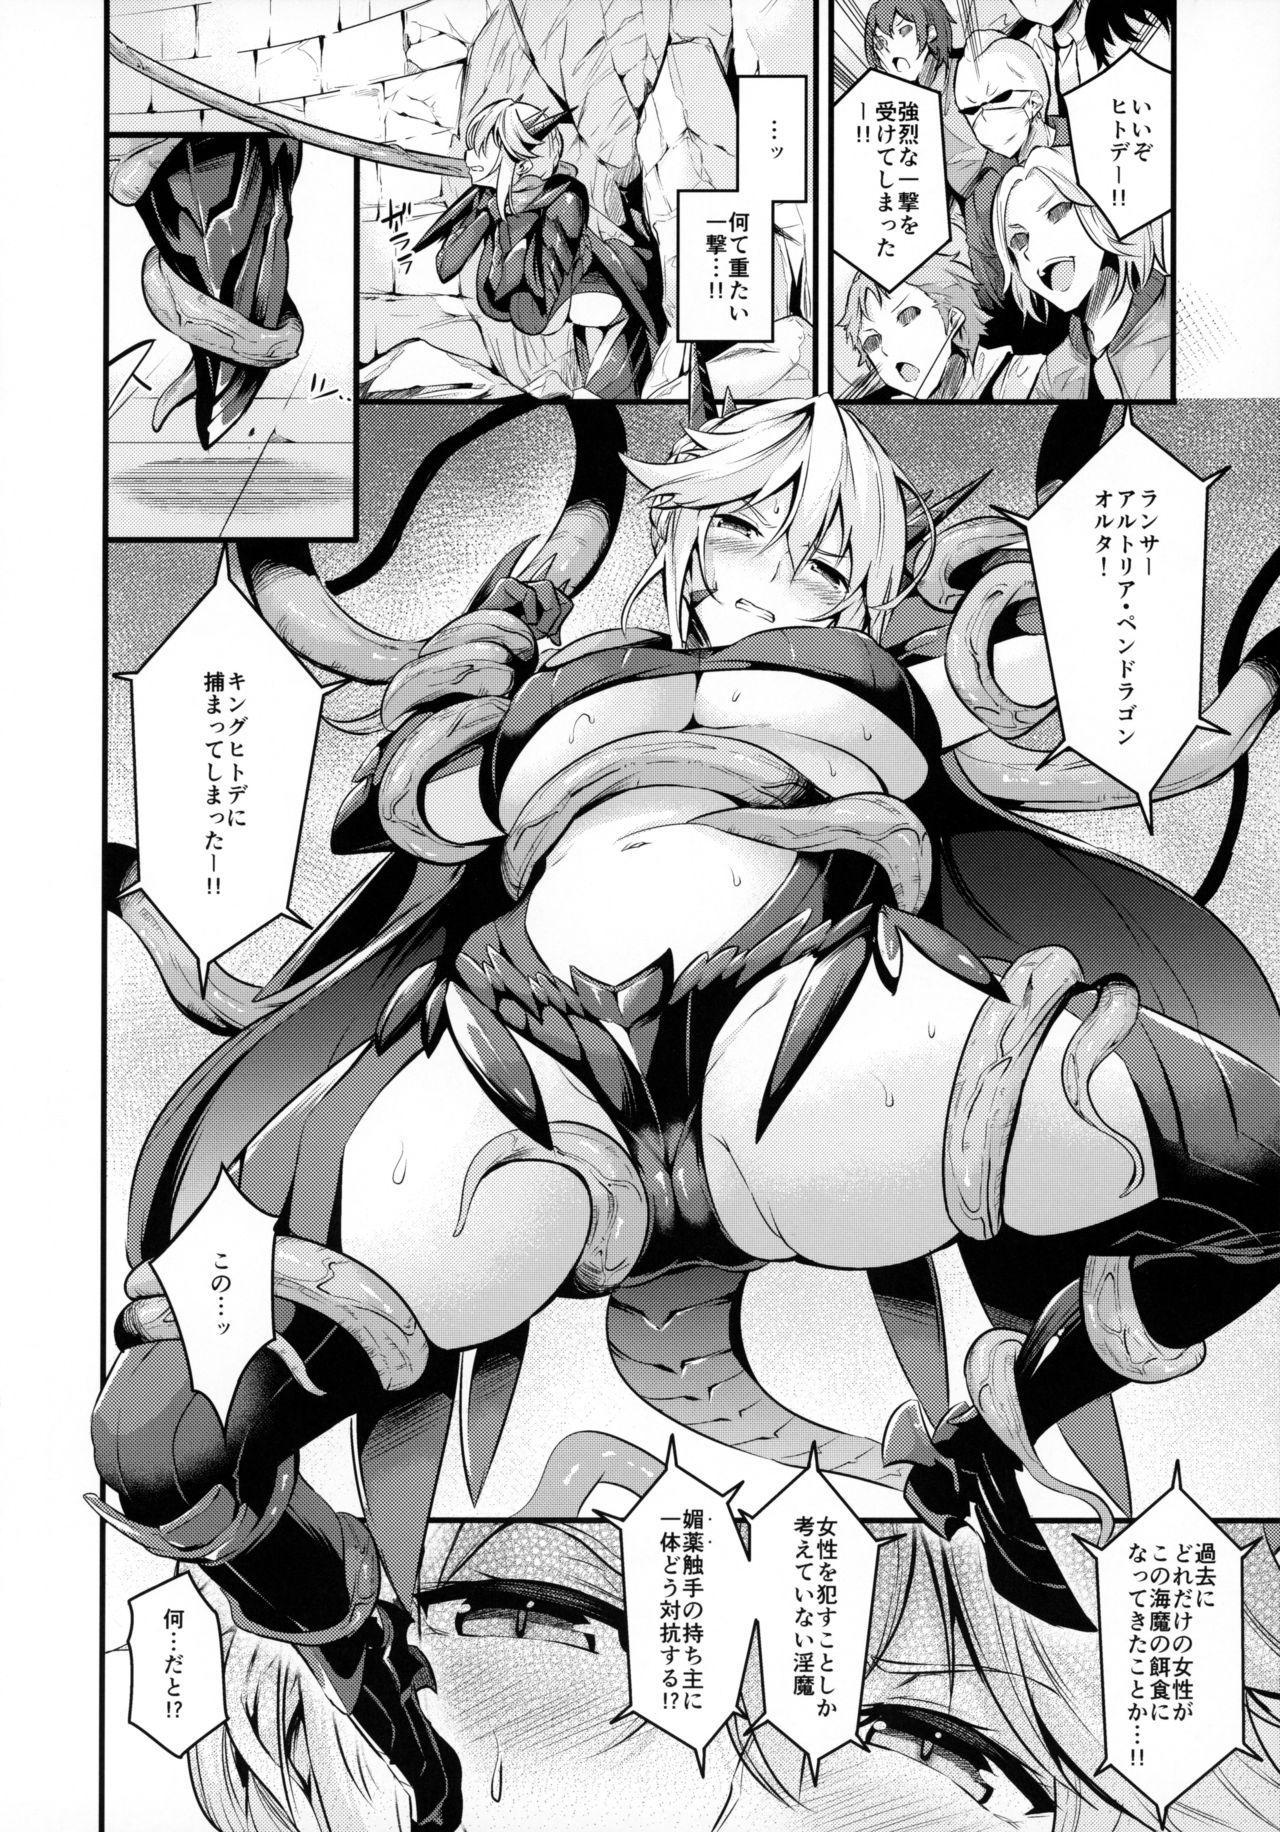 Chichiue ga Buzama Haiboku Shita Hi 5